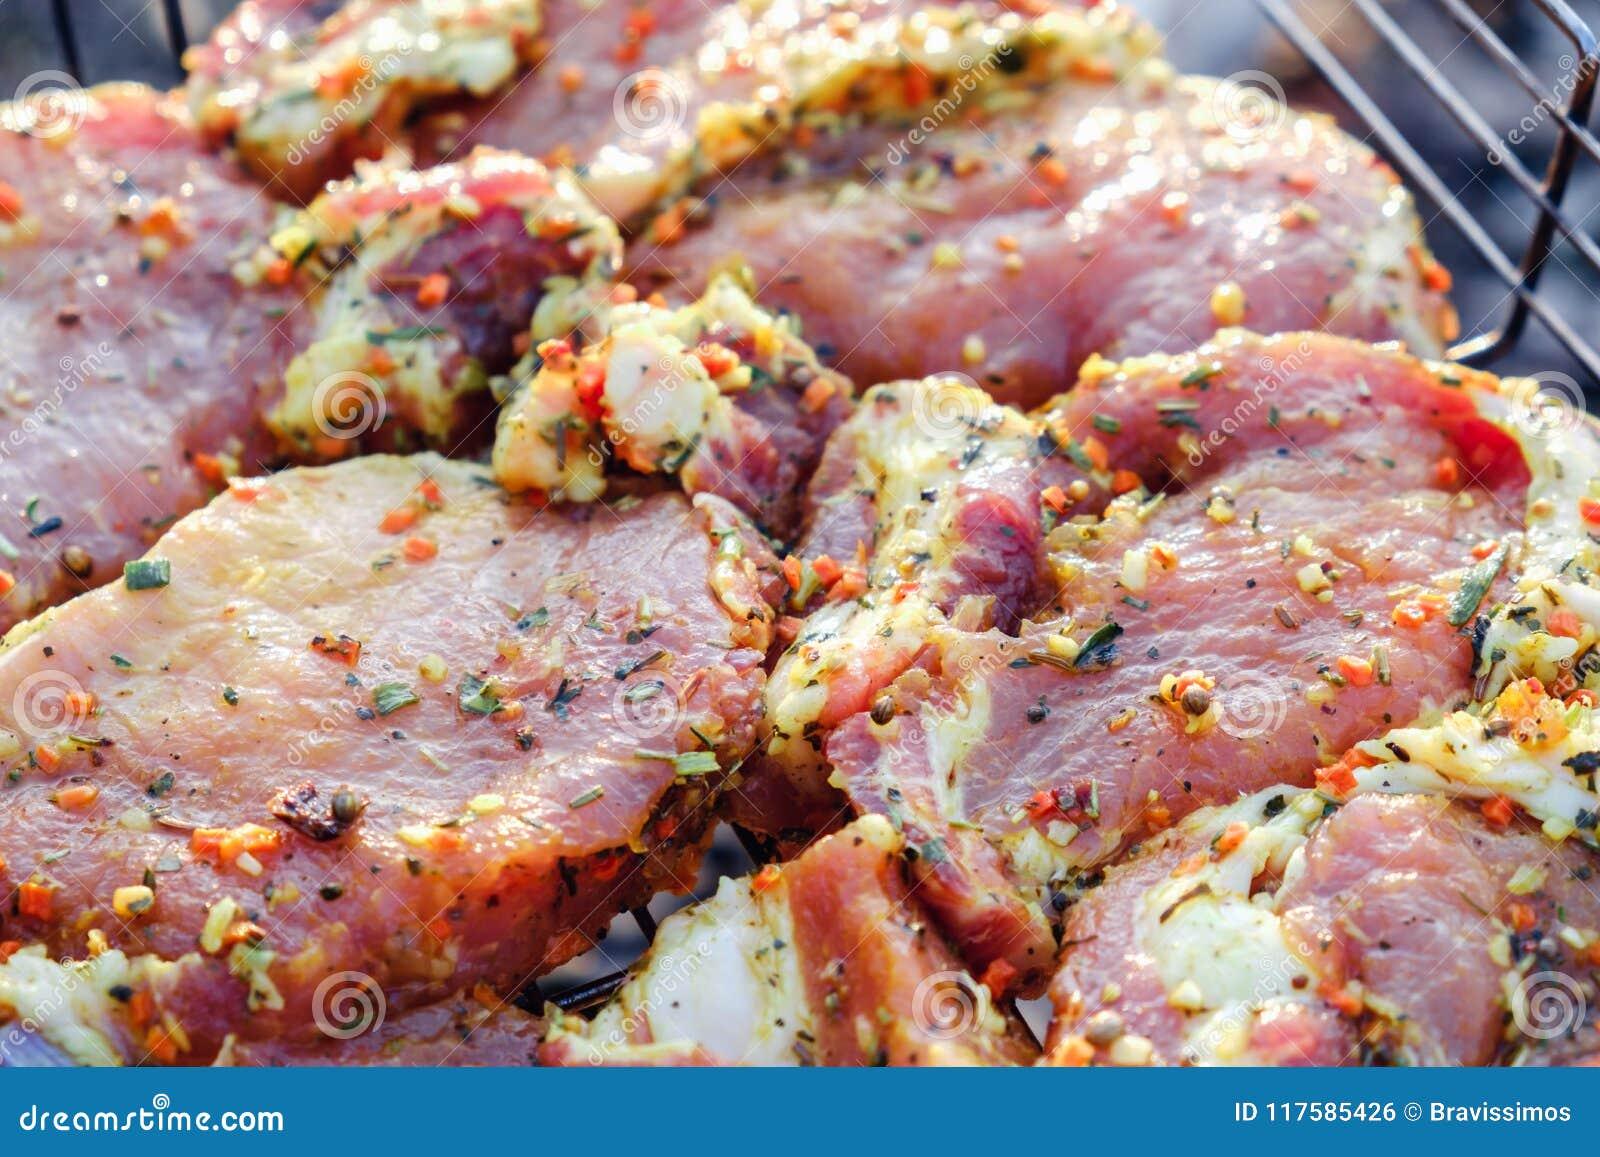 De lapjes vlees van het rundvleesvlees Verse ruwe varkensvleeshals voor lapje vlees met kruidkruiden op een barbecuegrill